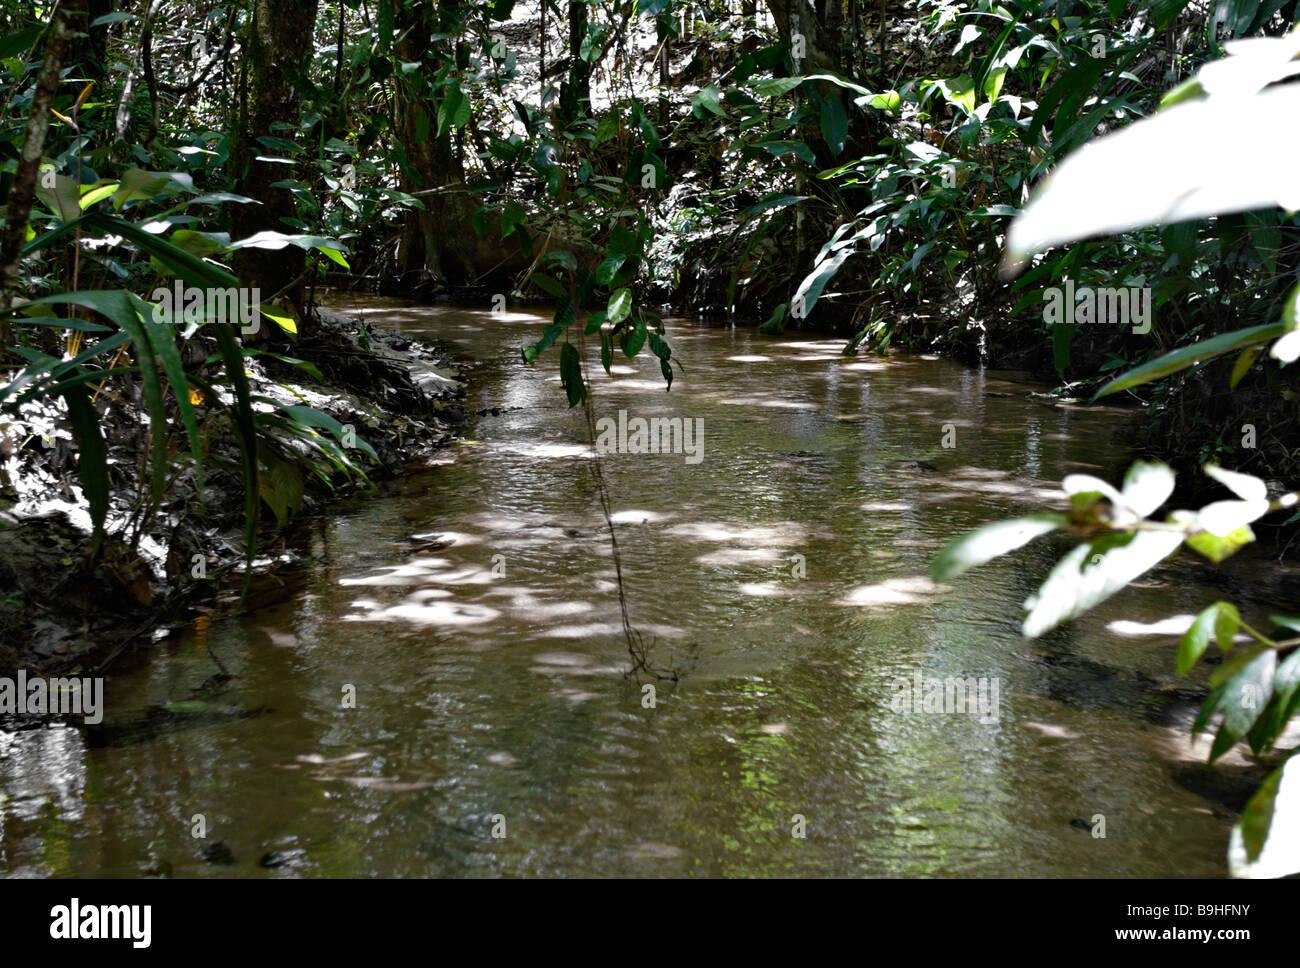 Stream in Ecoparque de Una Atlantic Rainforest Mata Atlântica Bahia Brazil South America - Stock Image